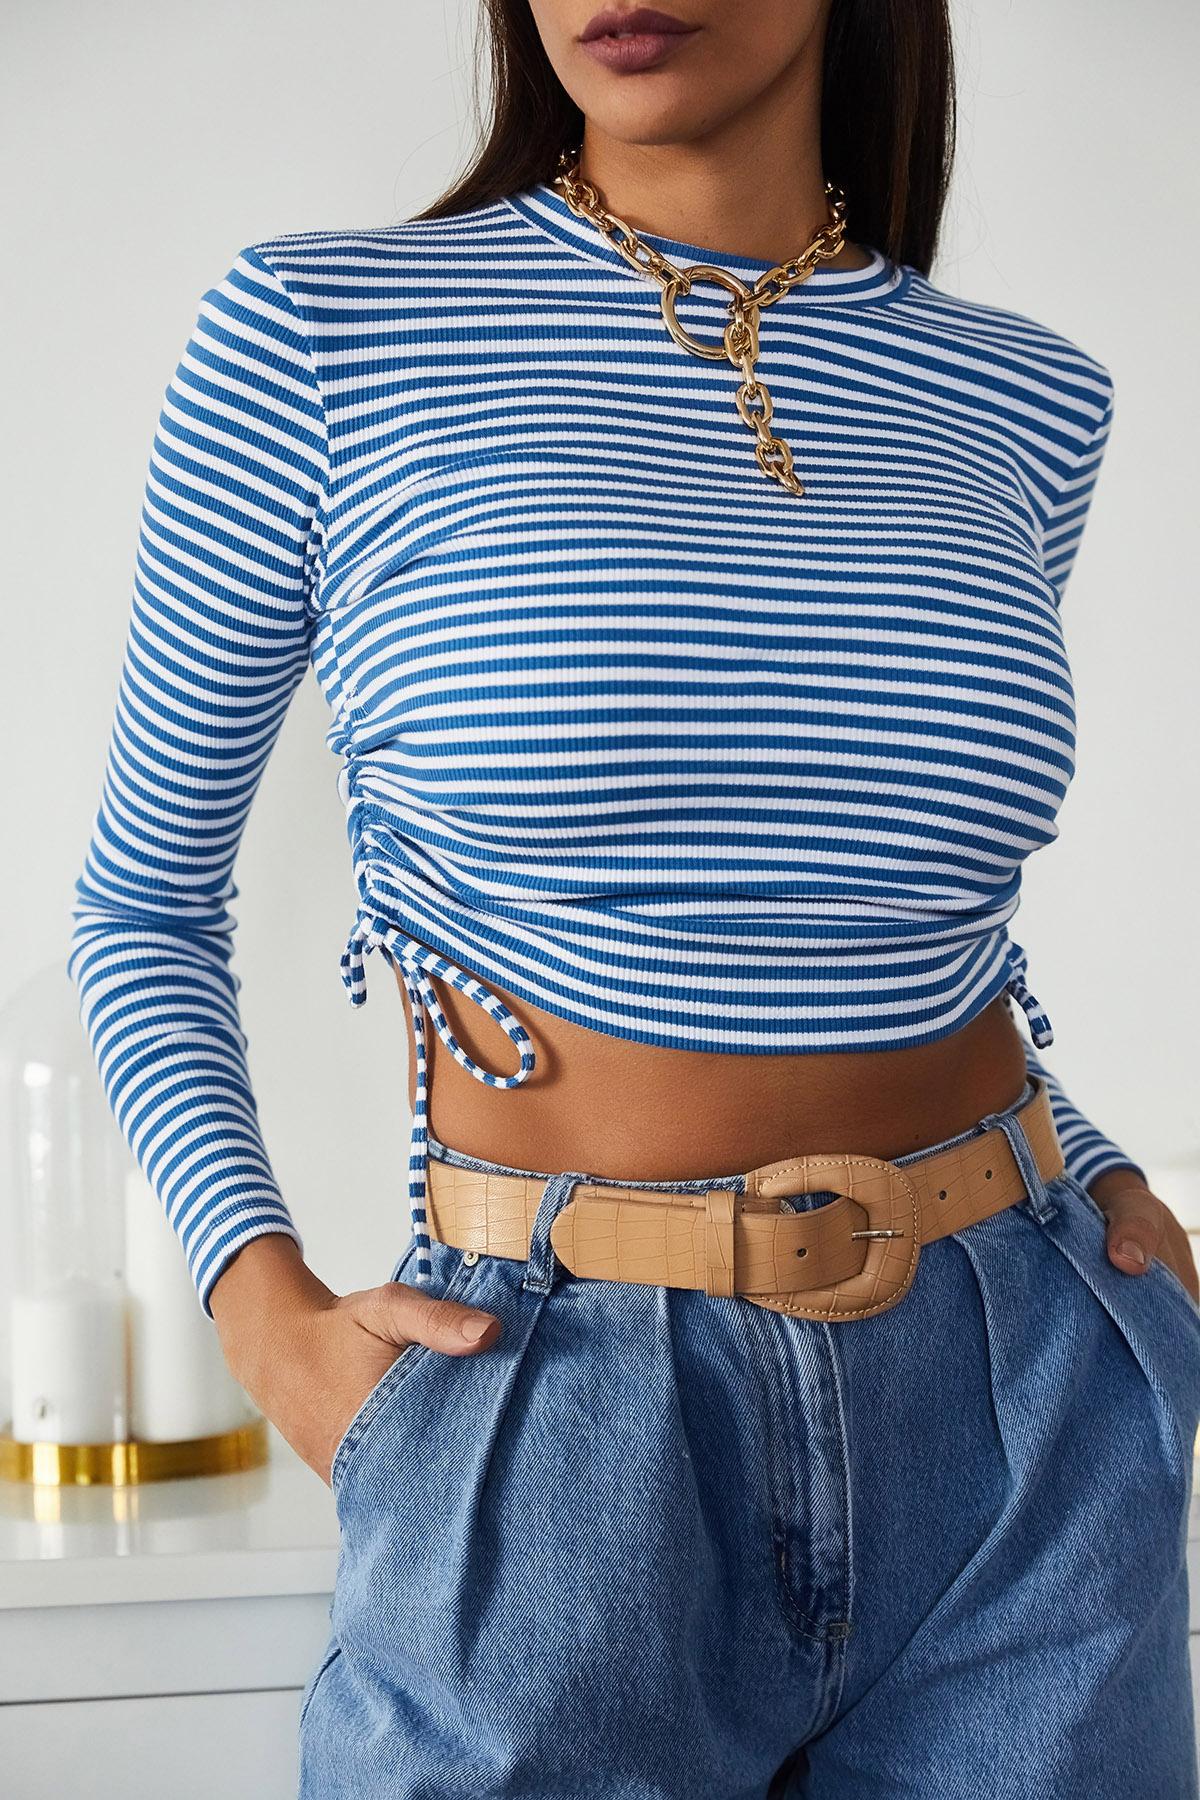 XHAN - Mavi Büzgülü Çizgili Bluz 1KXK2-44717-12